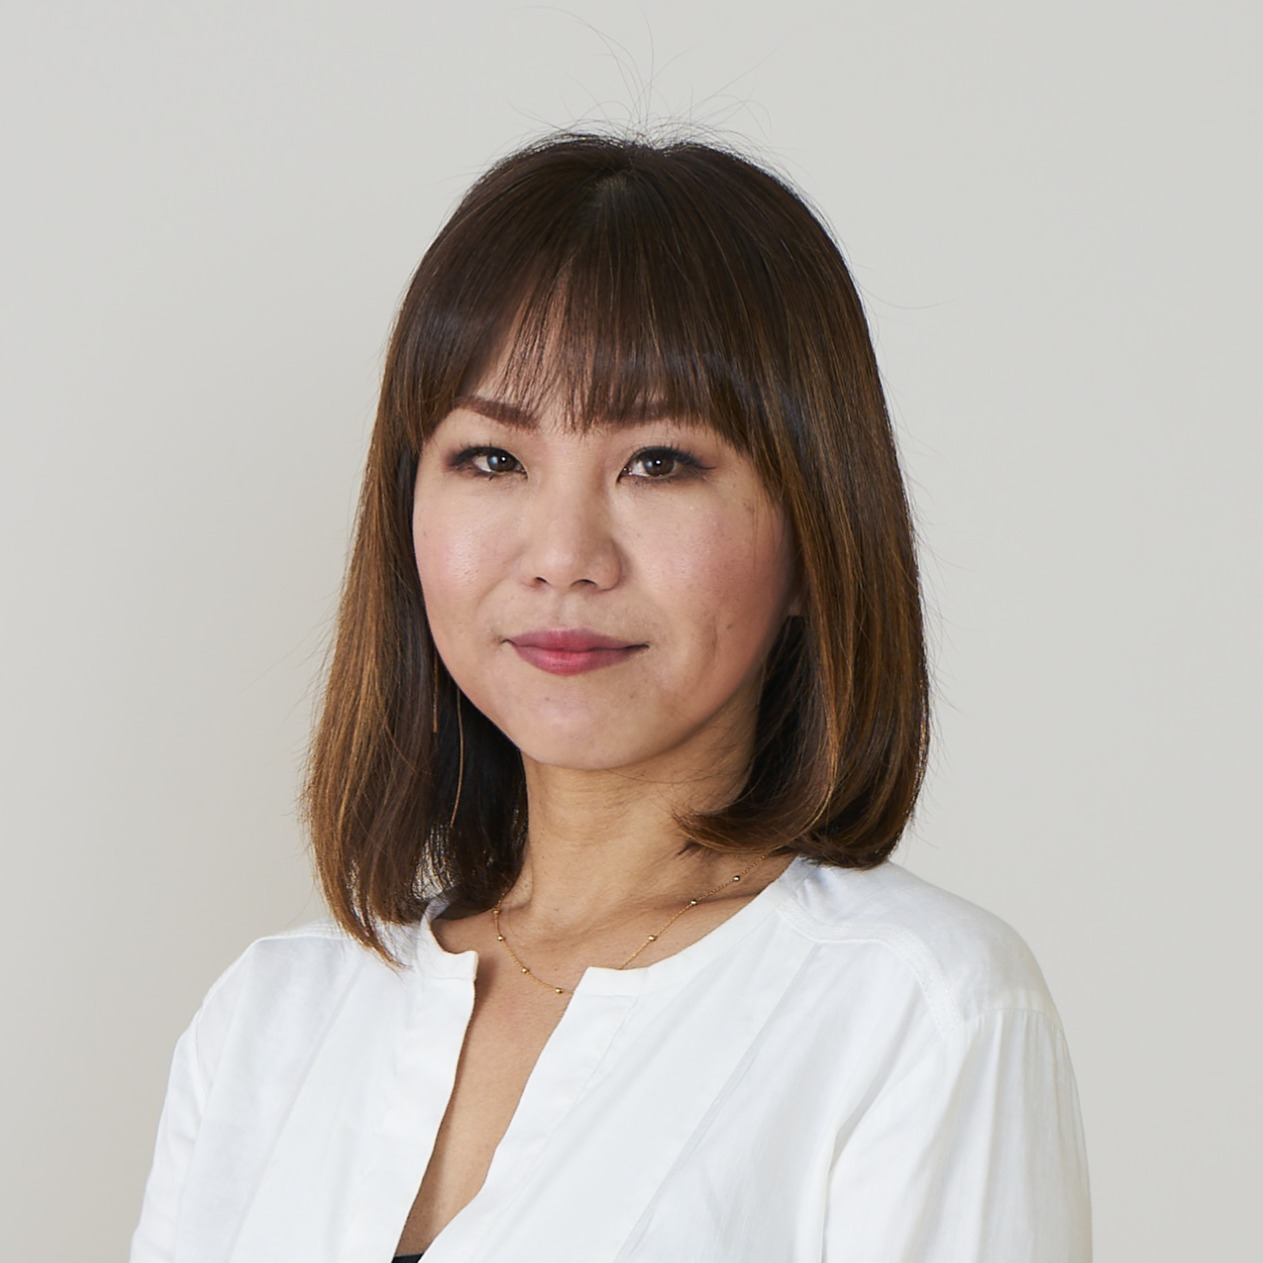 Kazuyo Kanda